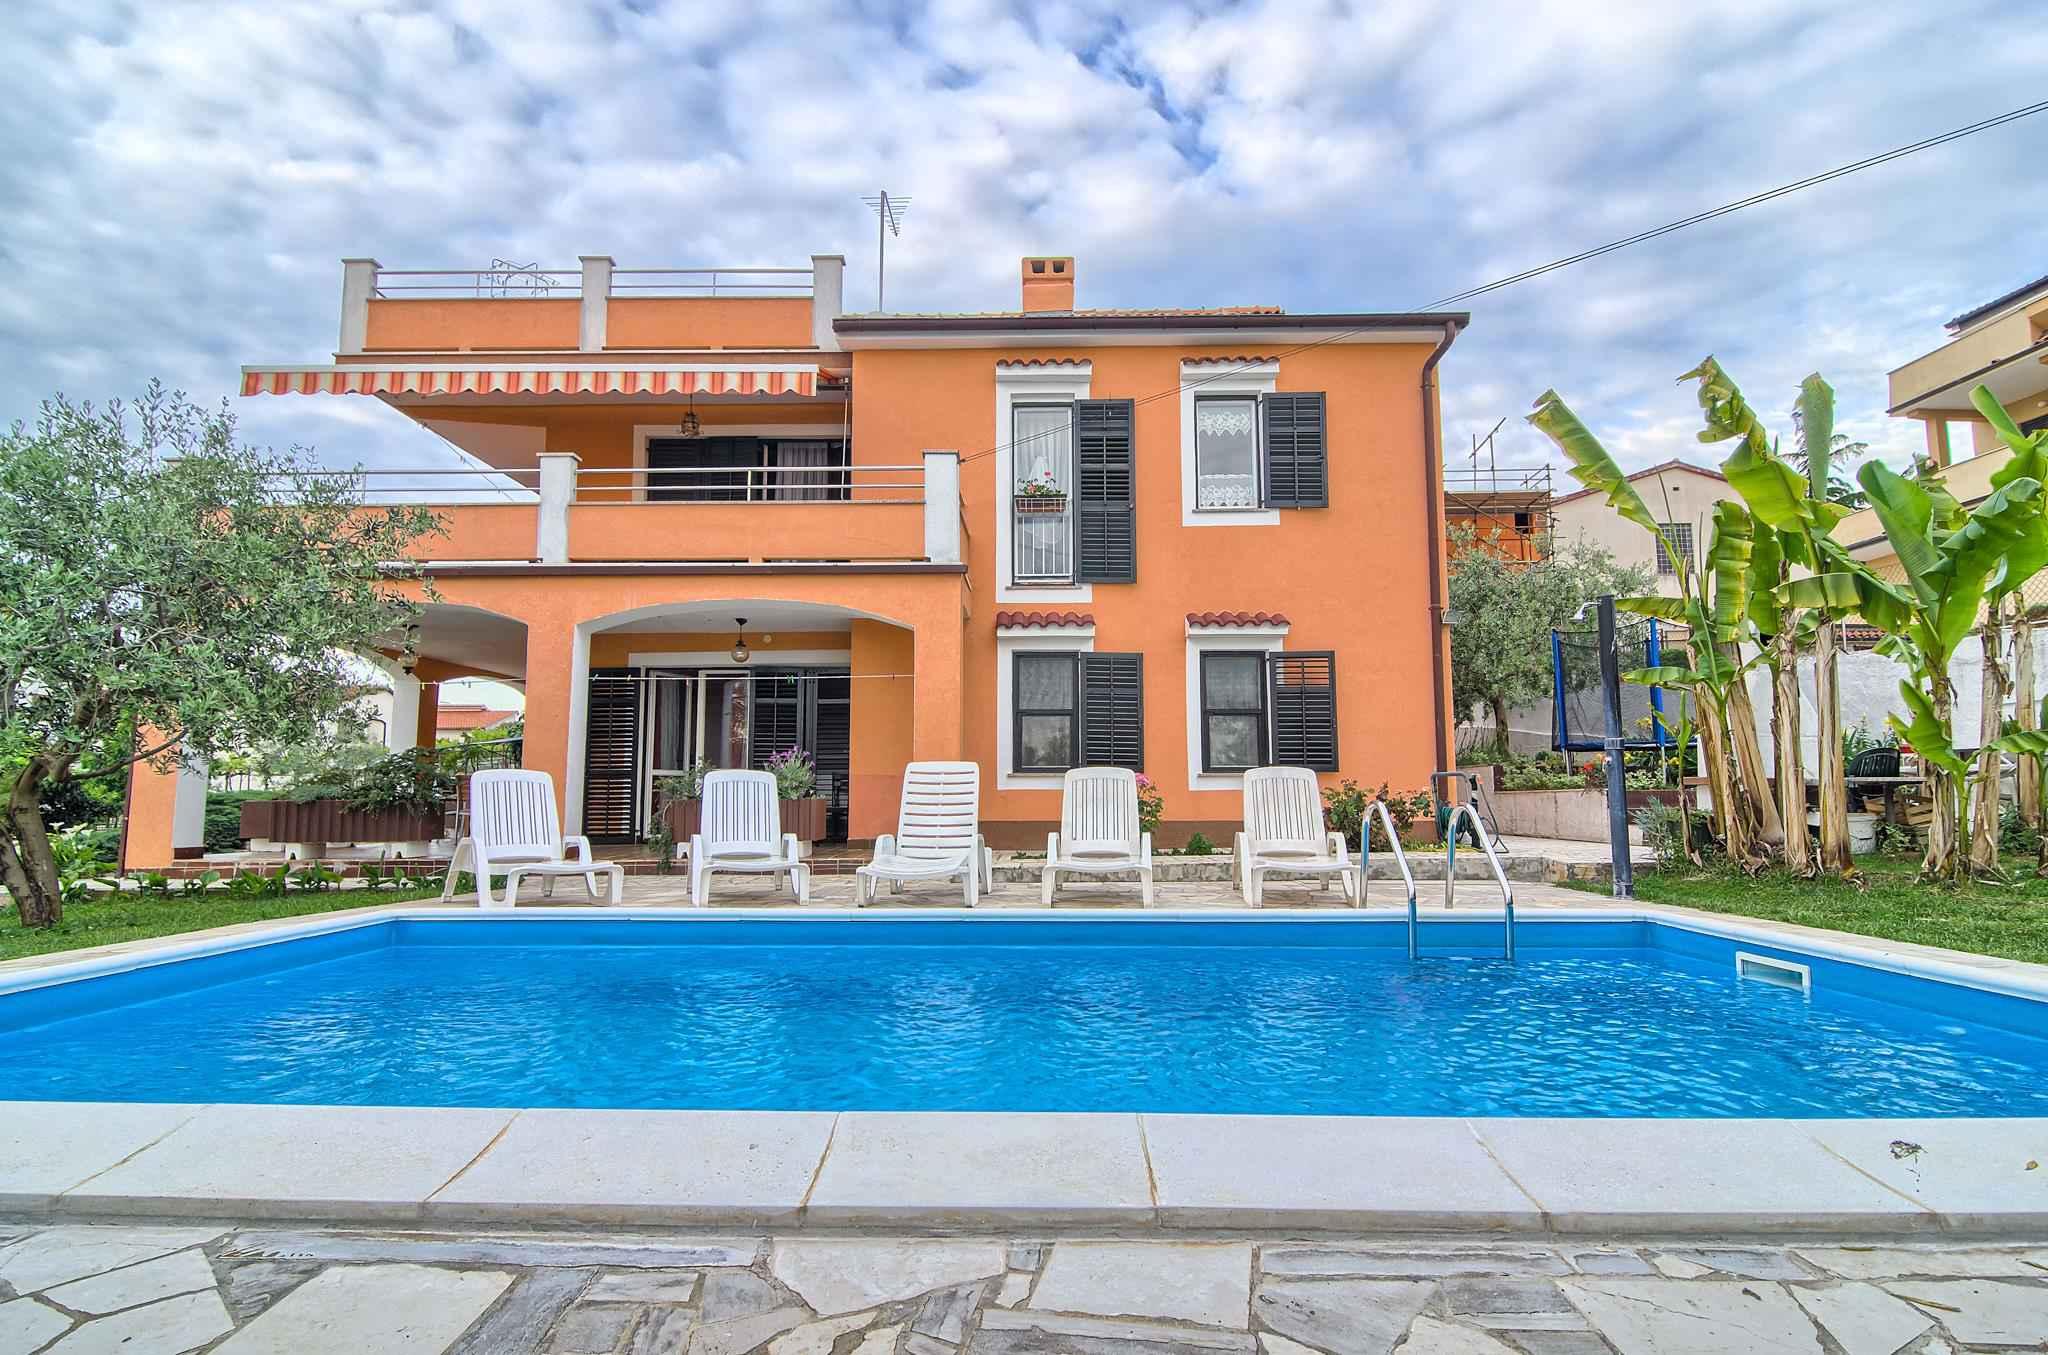 Ferienwohnung mit Pool und 32 qm Terrasse (280631), Pula, , Istrien, Kroatien, Bild 1